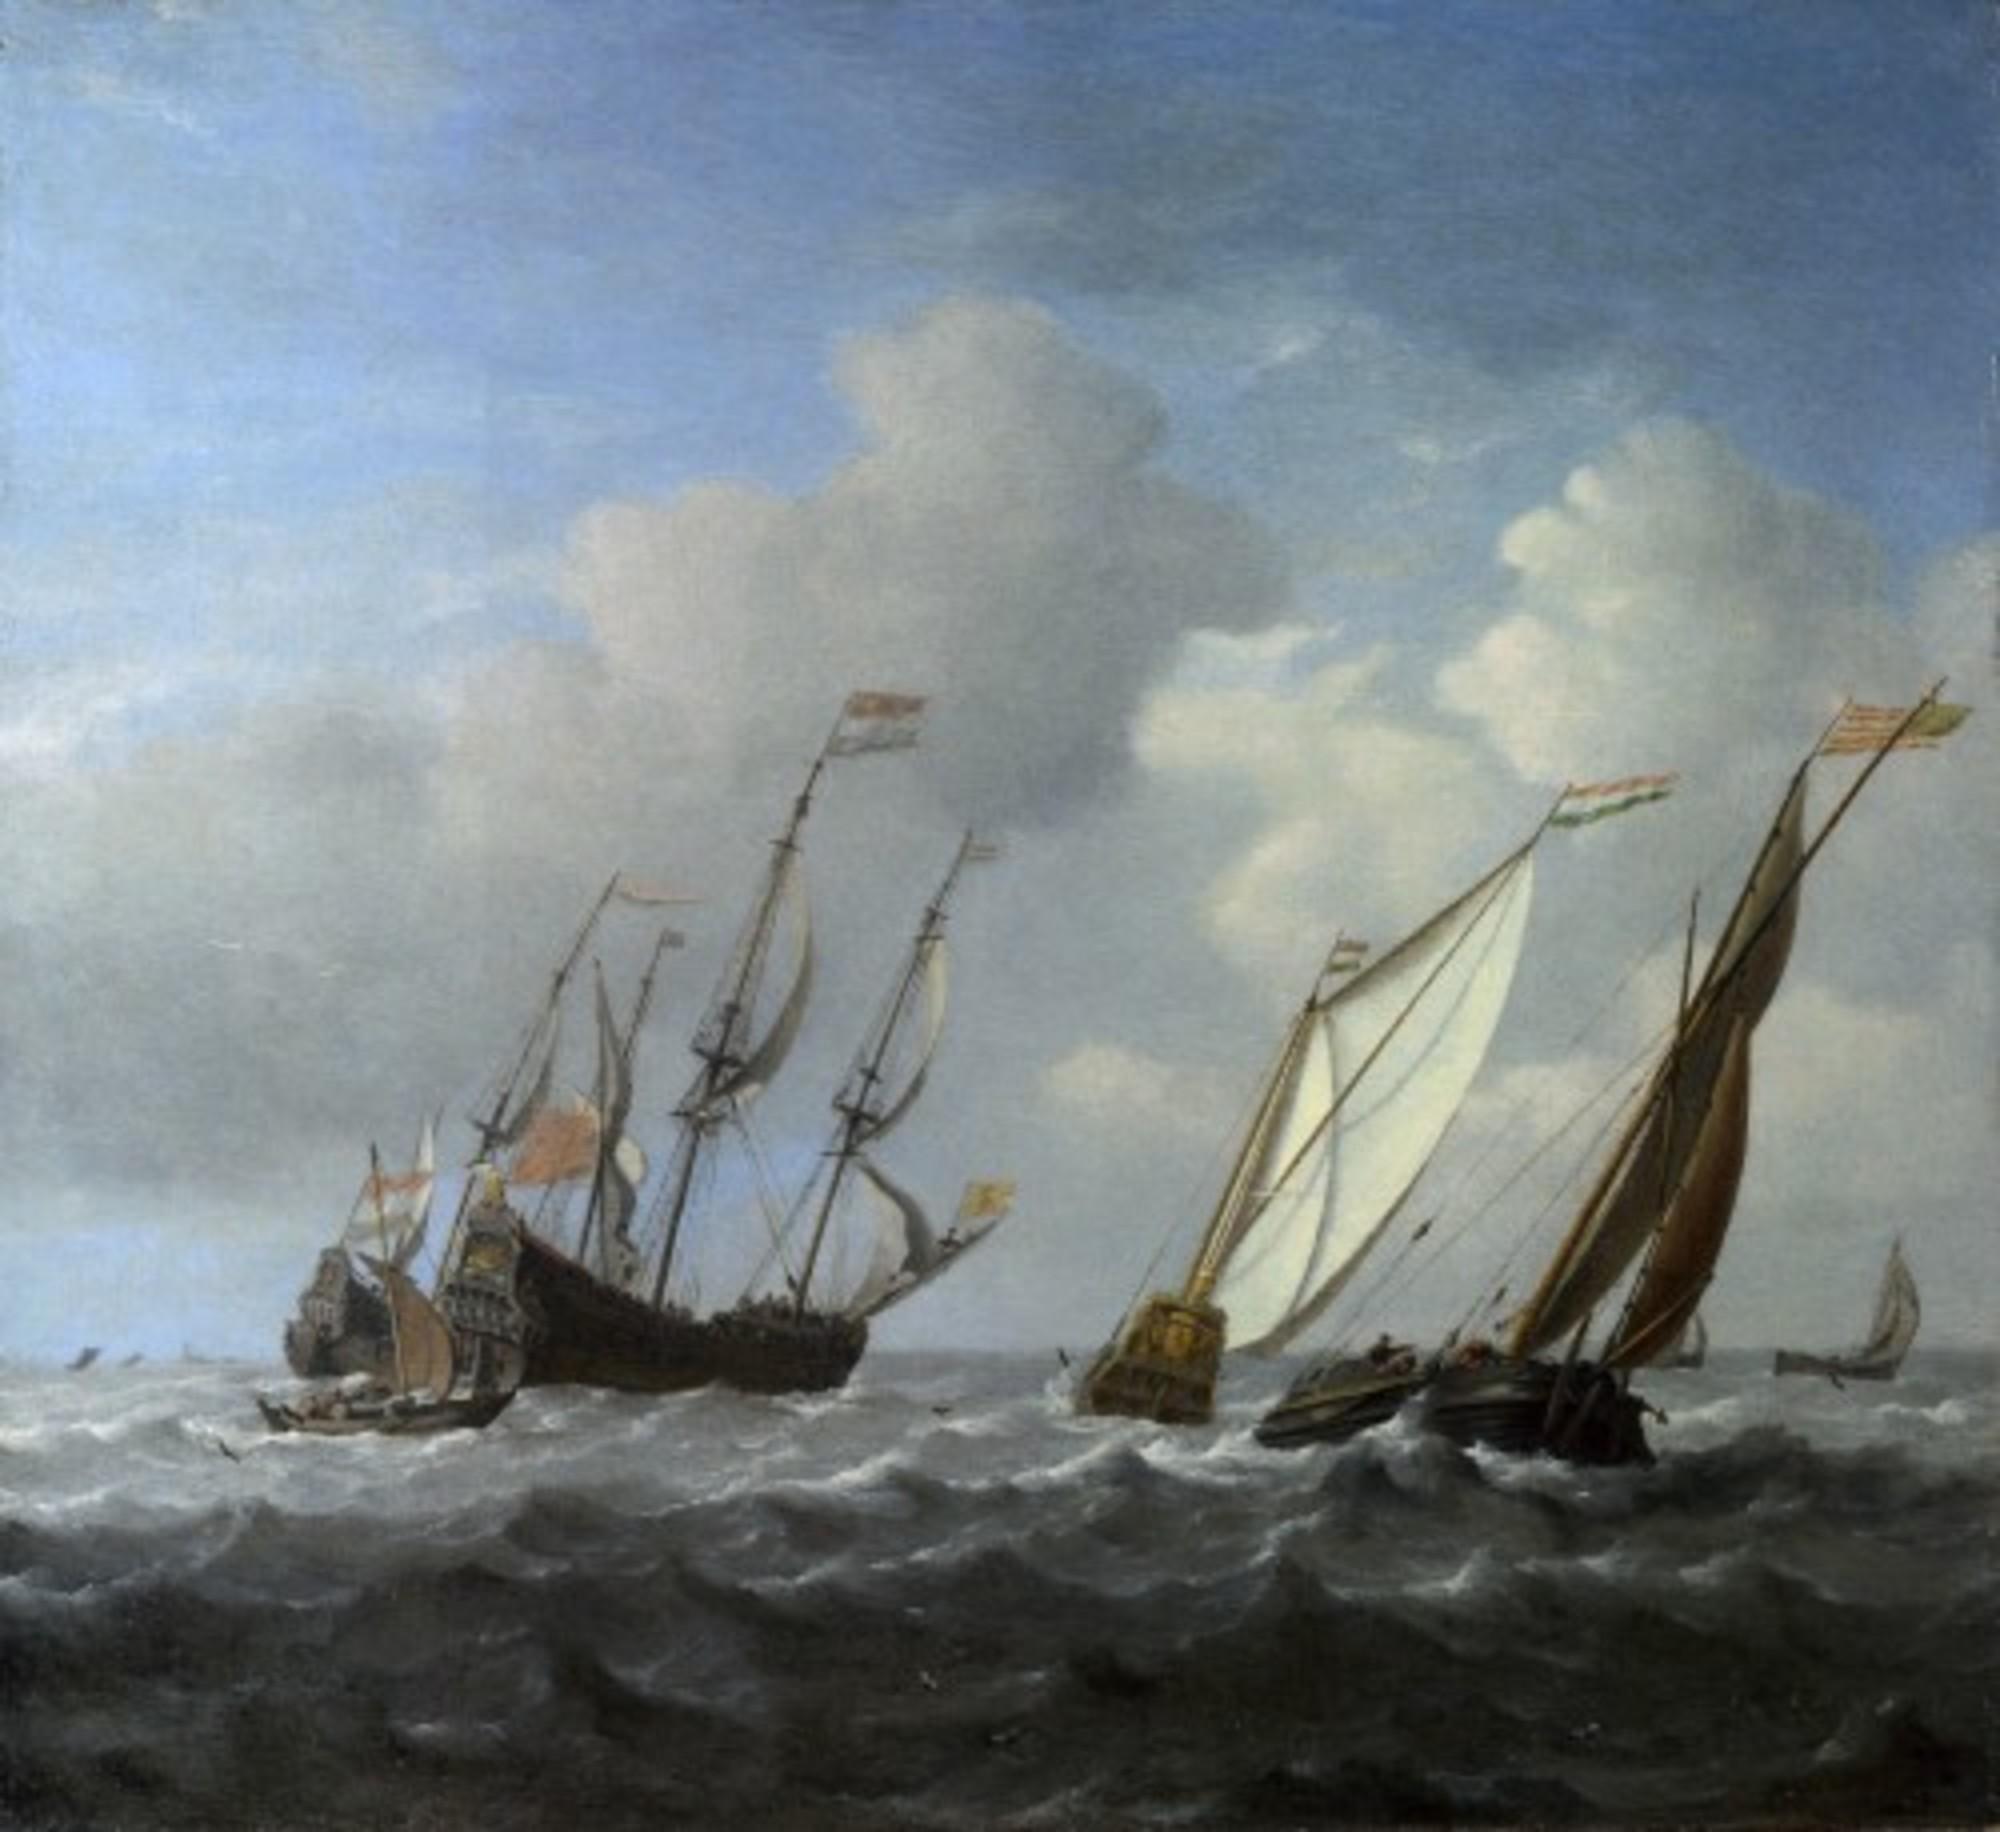 Willem-van-de-Velde-II---A-Dutch-Ship-a-Yacht-and-Smaller-Vessels-in-a-Breeze.jpg